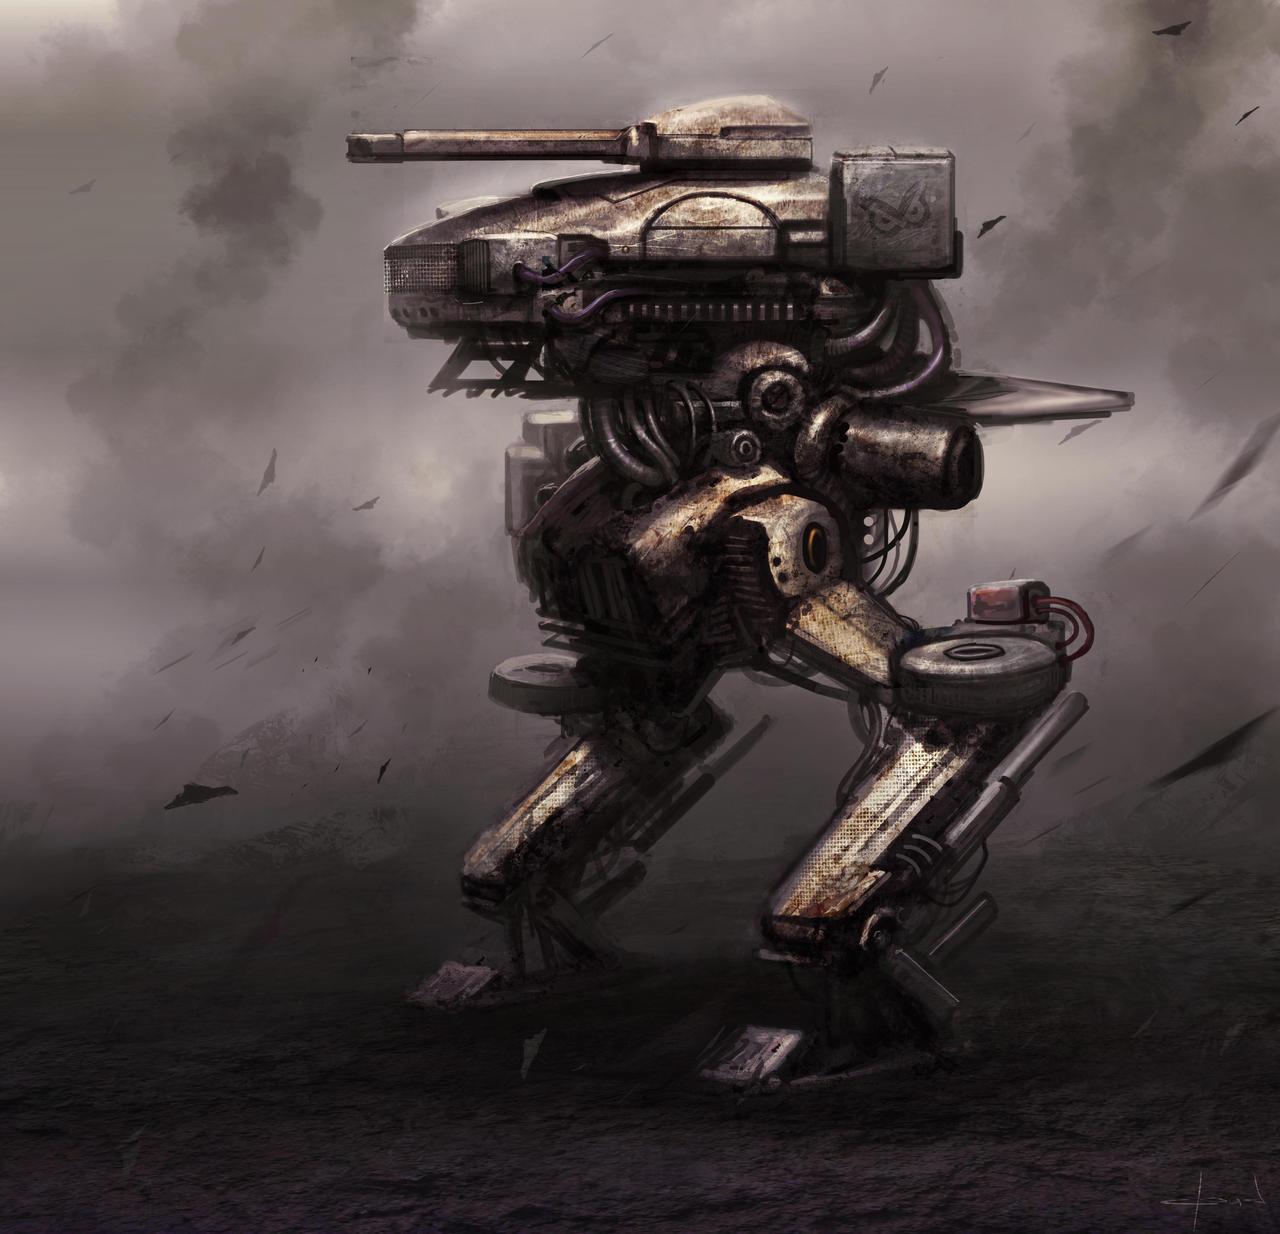 Mech concept by Darkcloud013